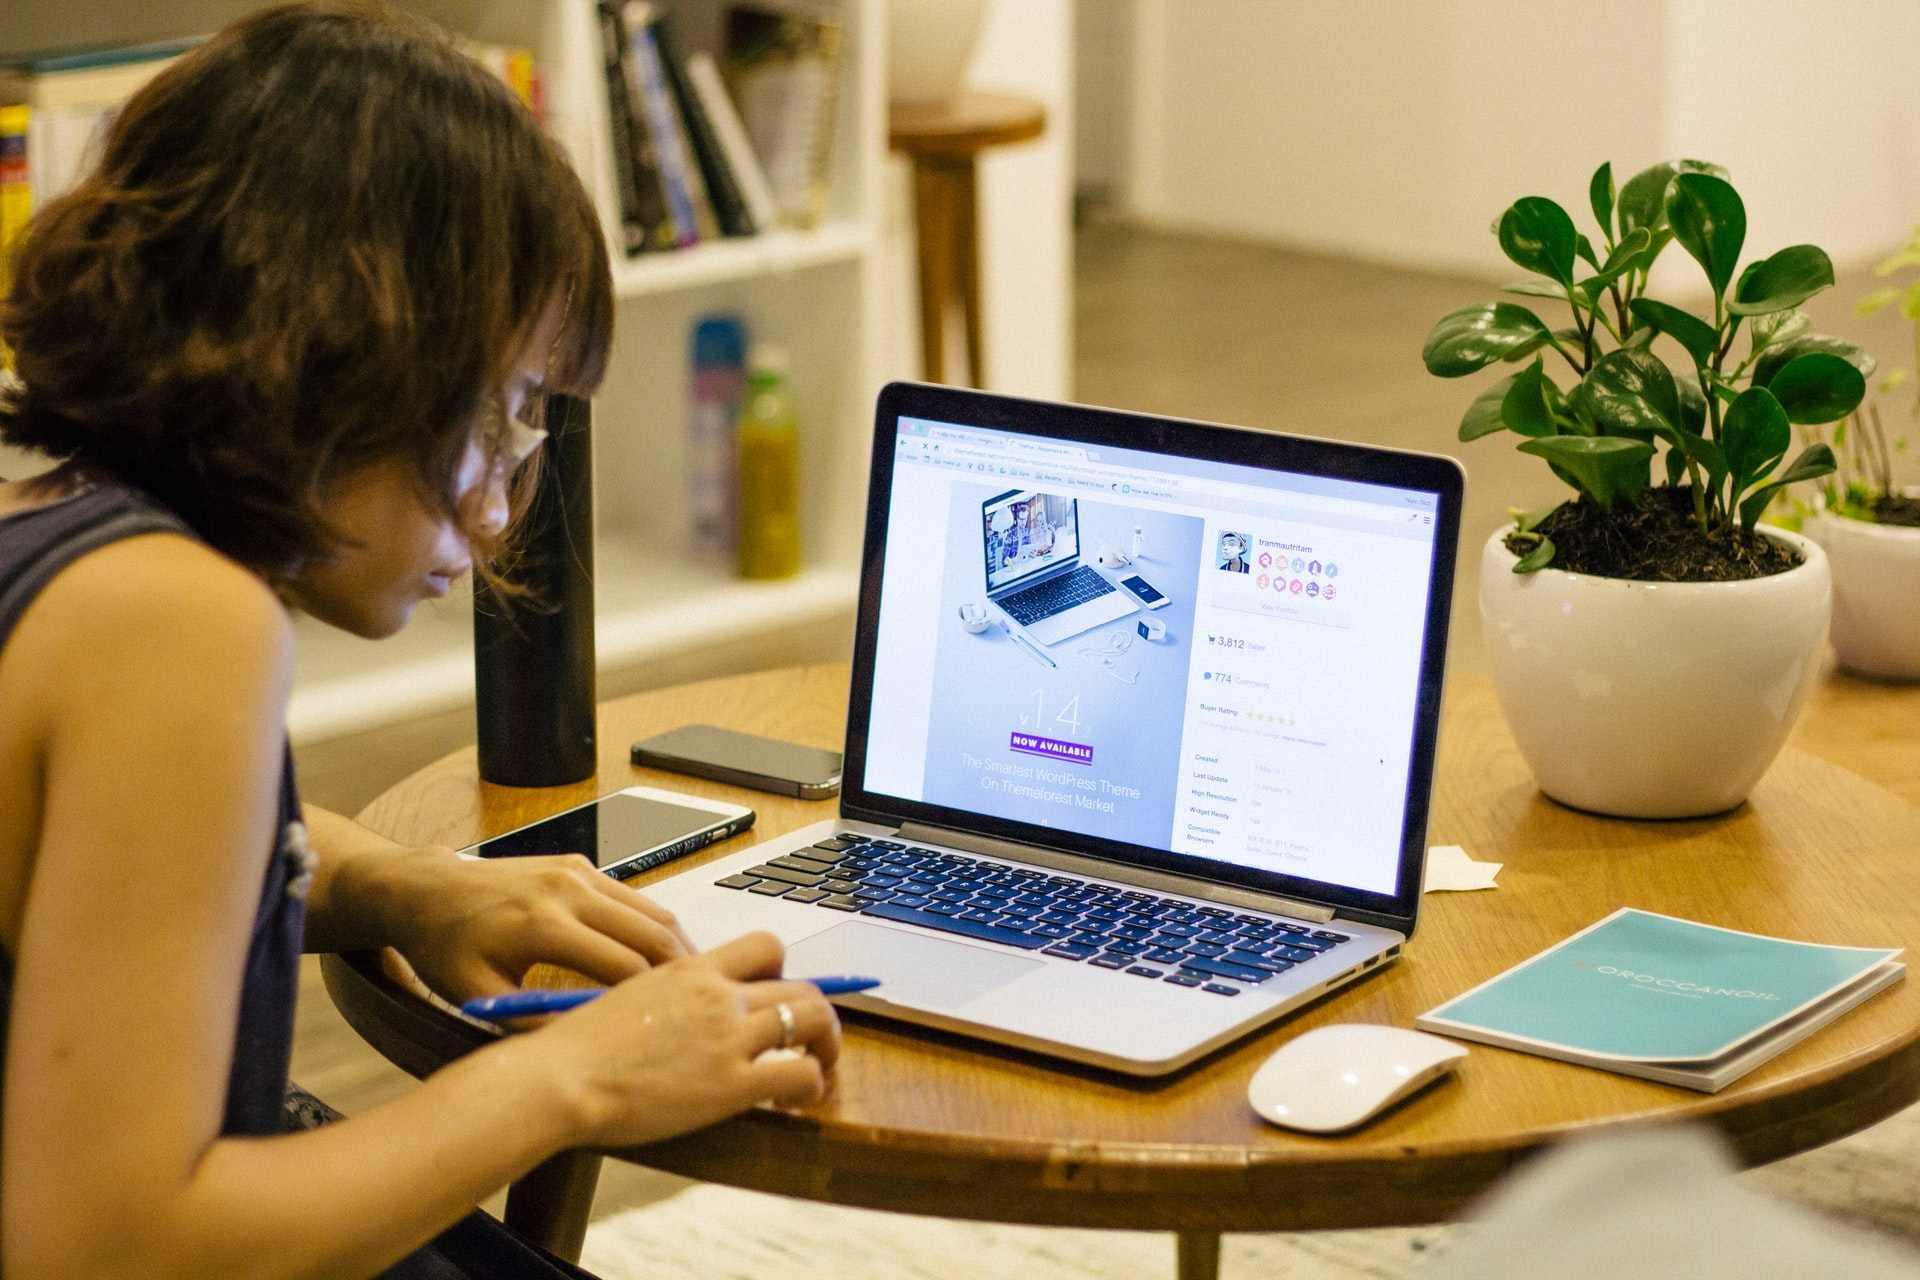 Best Laptop for Online Platform Learning